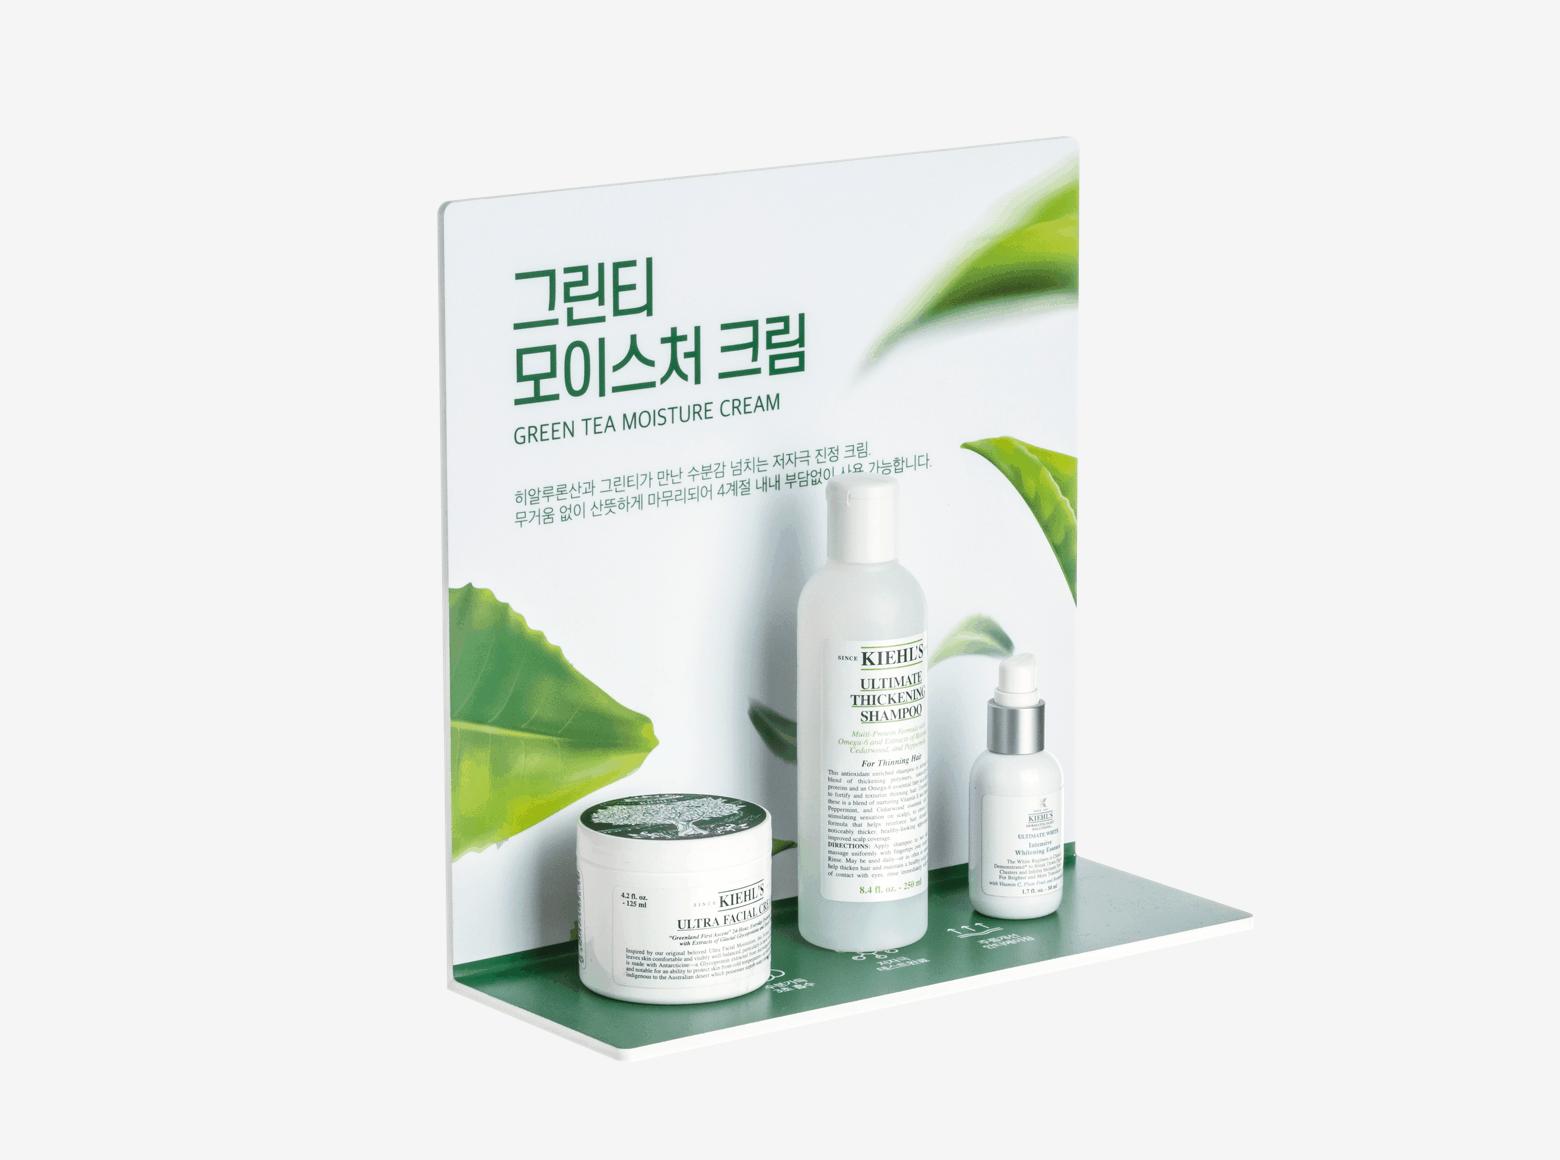 제품 전시대_L형-롤링배너 슬라이드1